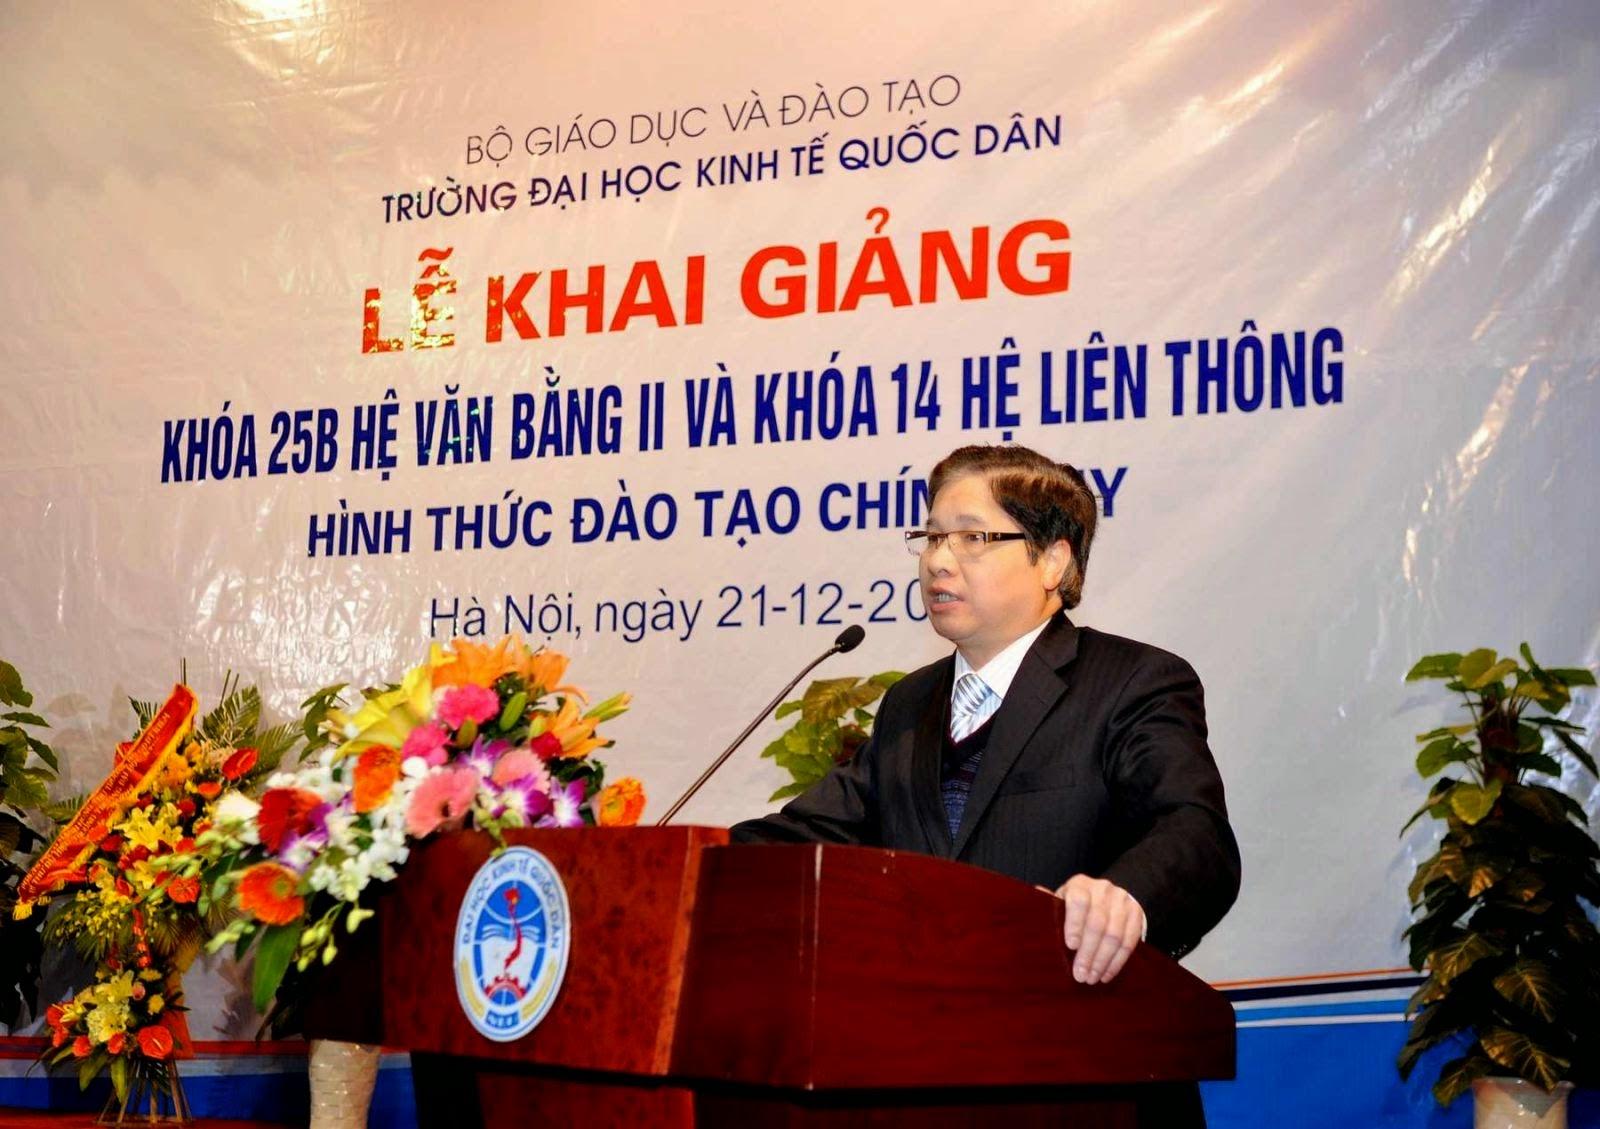 lien-thong-dai-hoc-kinh-te-quoc-dan